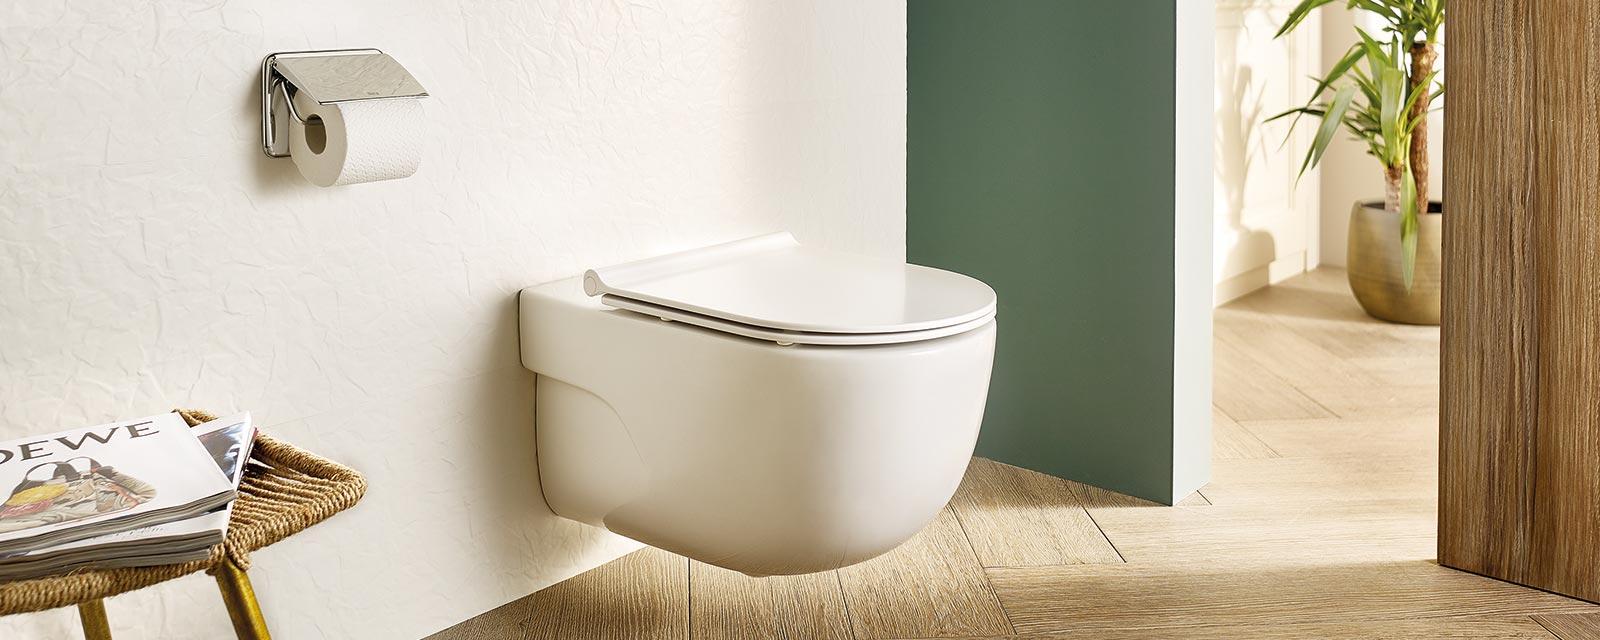 Comment Installer Toilette Suspendu le wc broyeur est-il mieux que le wc classique ? | guide artisan